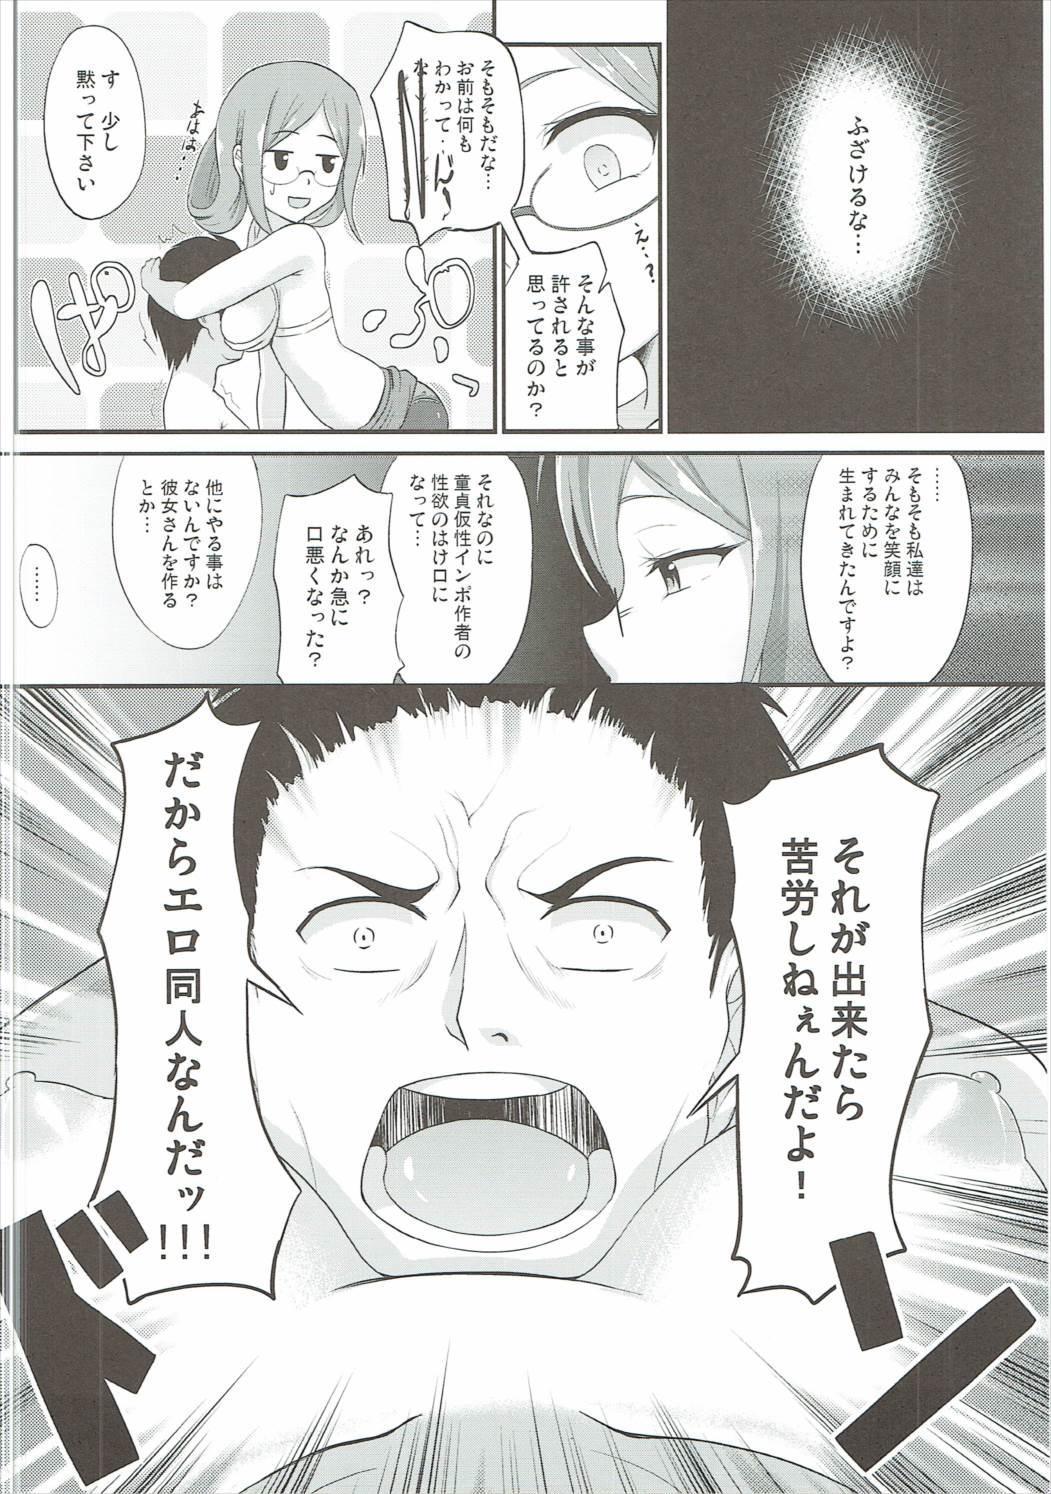 Renjun no Tsukaimichi 14